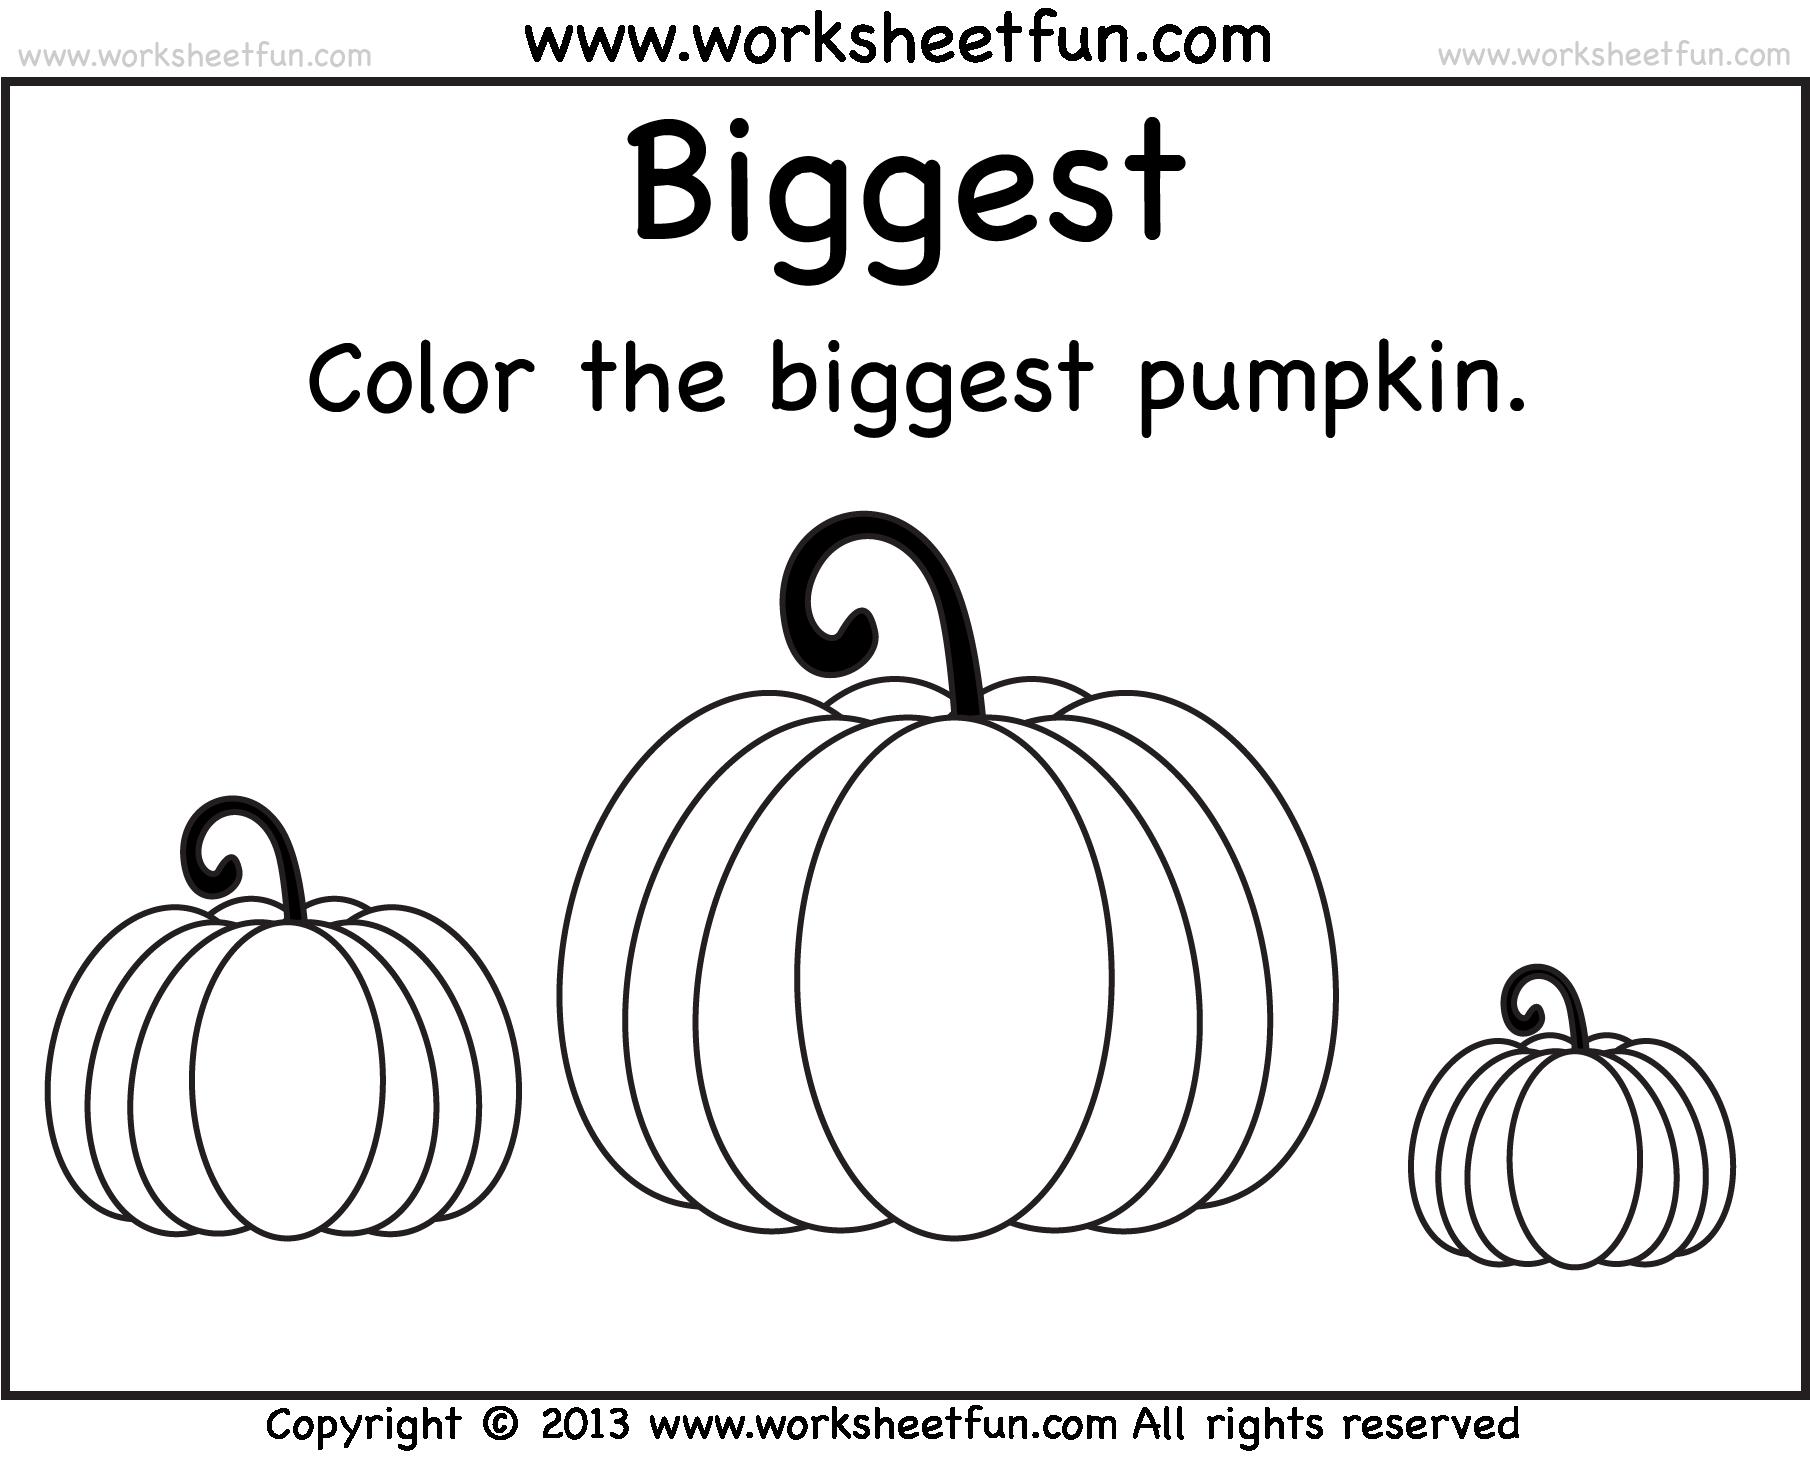 Pumpkin Worksheets For Kindergarten The Best Worksheets Image